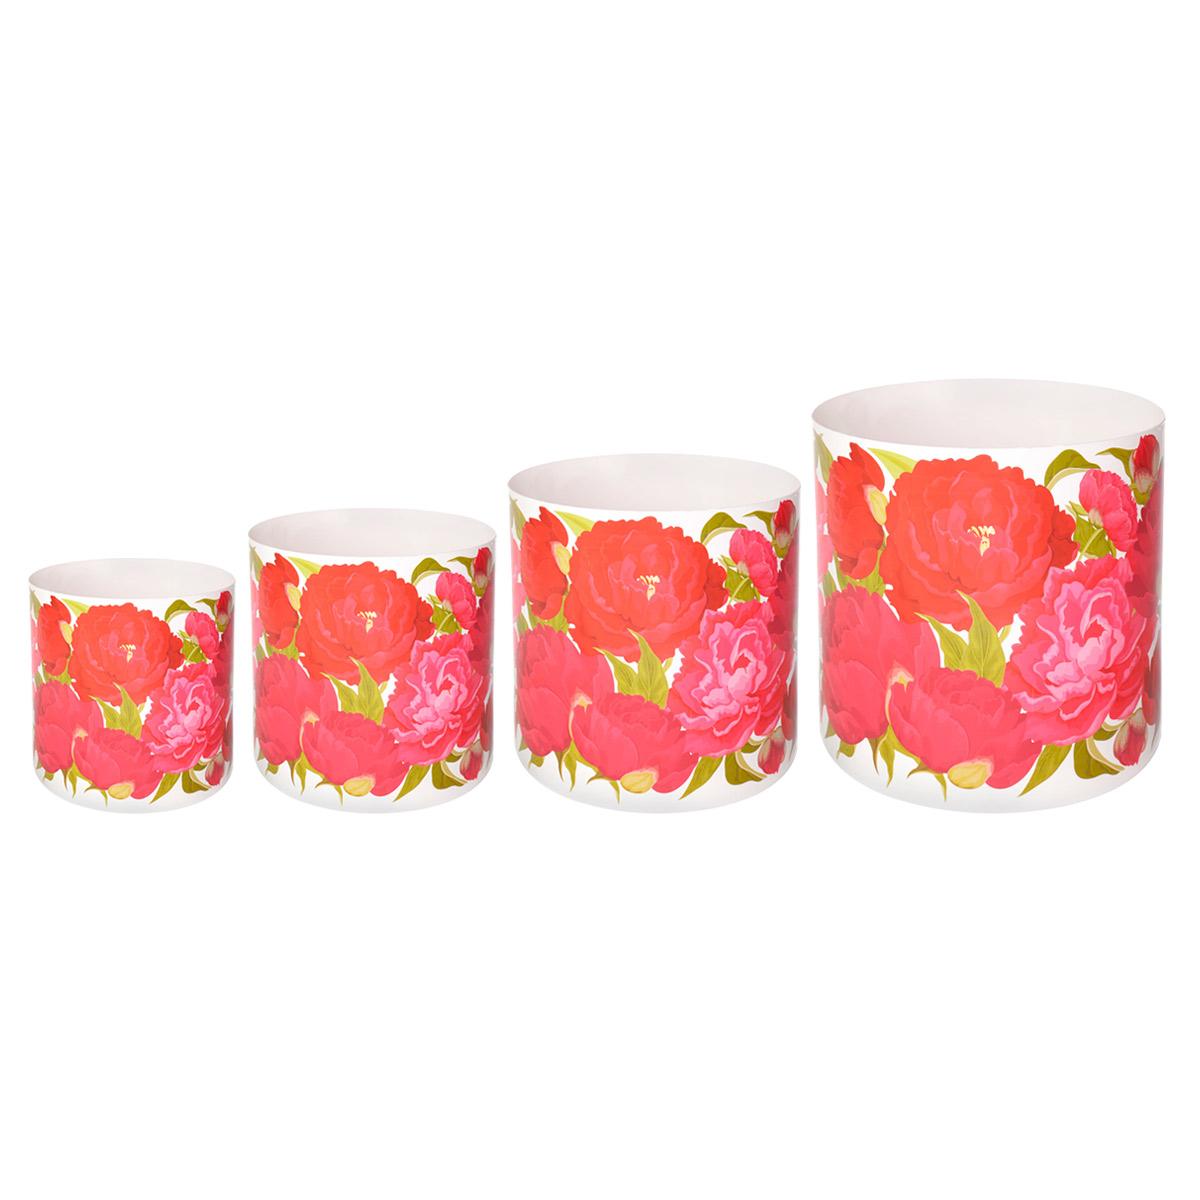 Набор горшков для цветов Miolla Пионы, со скрытым поддоном, 4 предметаZ-0307Набор Miolla Пионы состоит из 4 горшков со скрытыми поддонами. Горшкивыполнены из пластика и декорированы цветочным рисунком. Изделия предназначены для цветов. Изделия оснащены специальными скрытыми поддонами.Диаметр горшков: 20,5 см, 16,5 см, 13,5 см, 11,5 см.Высота горшков (с учетом поддона): 19 см, 16 см, 13,5 см, 11,5 см.Объем горшков: 1 л, 1,7 л, 2,8 л, 5,1 л.